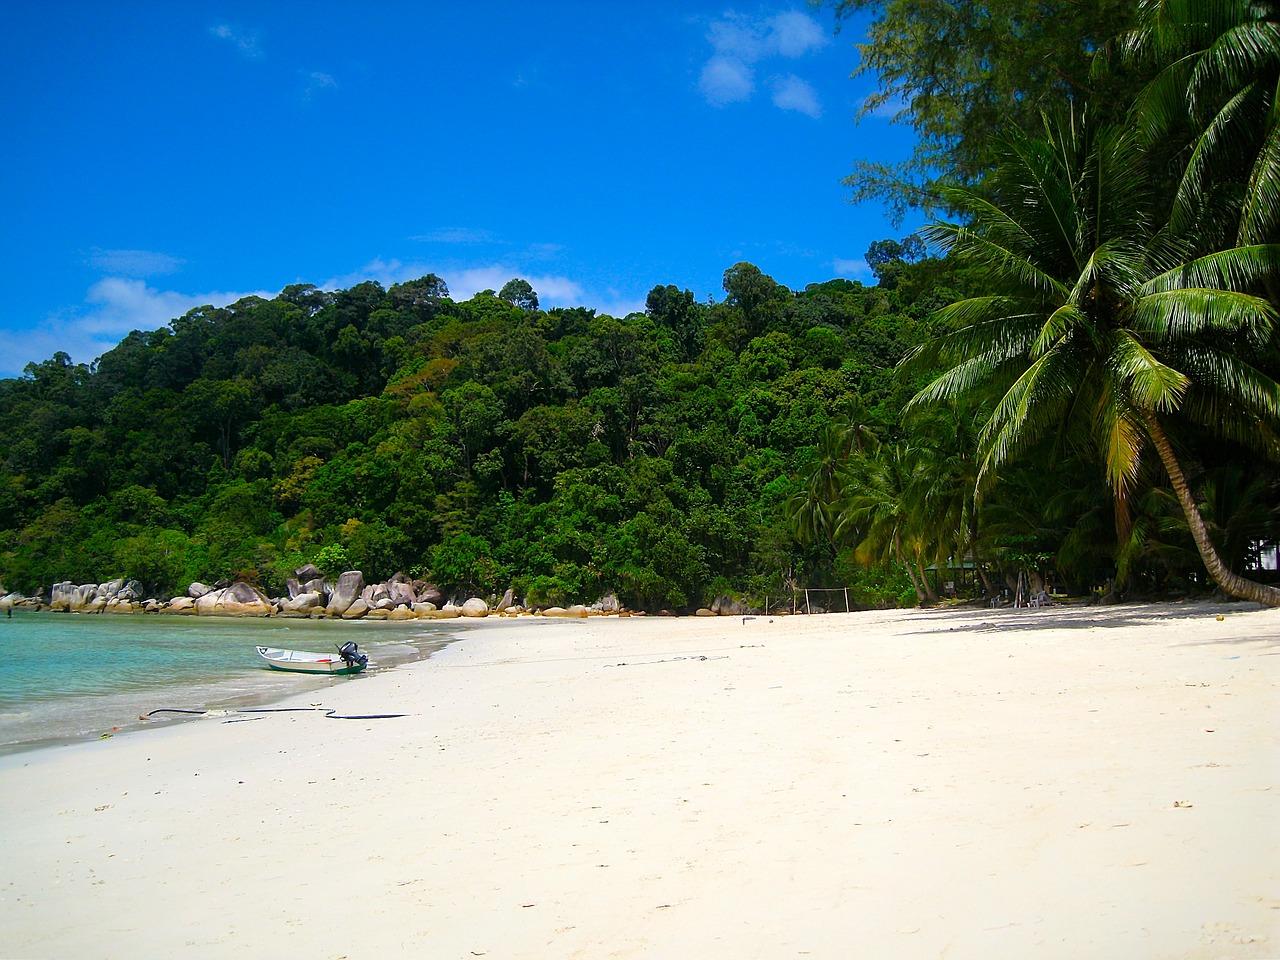 Le Isole Perhentian: Spiagge Bianche e Natura Incontaminata